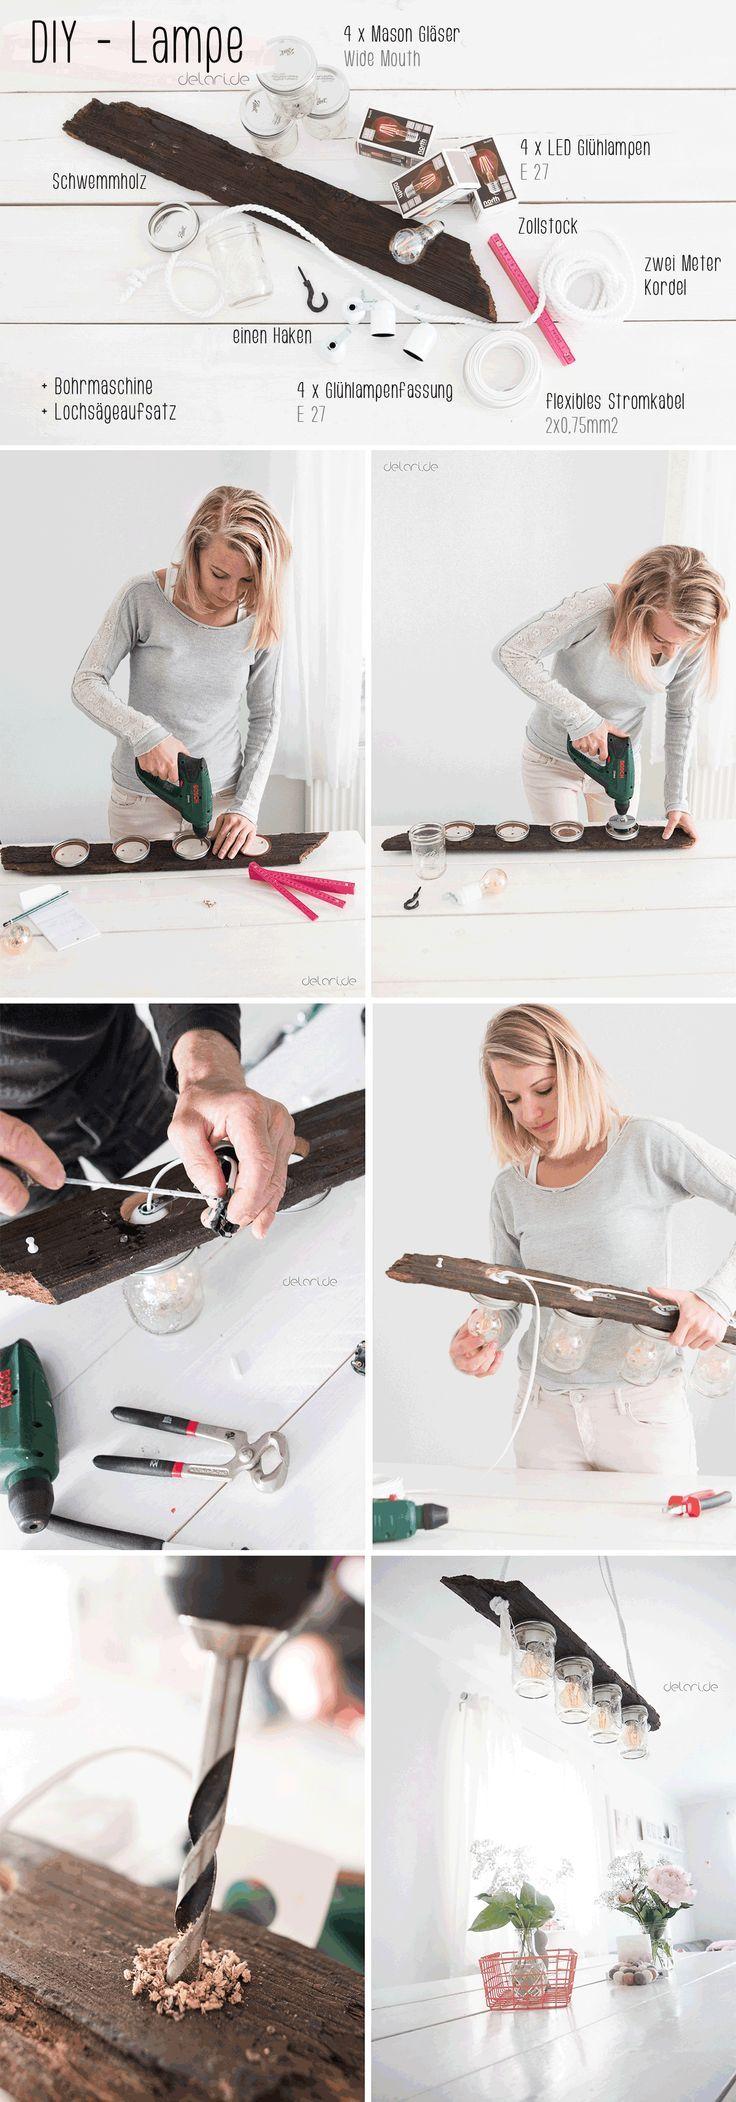 DIY – Lampe – Eine ucycling Idee für Mason Jar Gläser und Schwemmholz – eine L…,Hannah Schorch